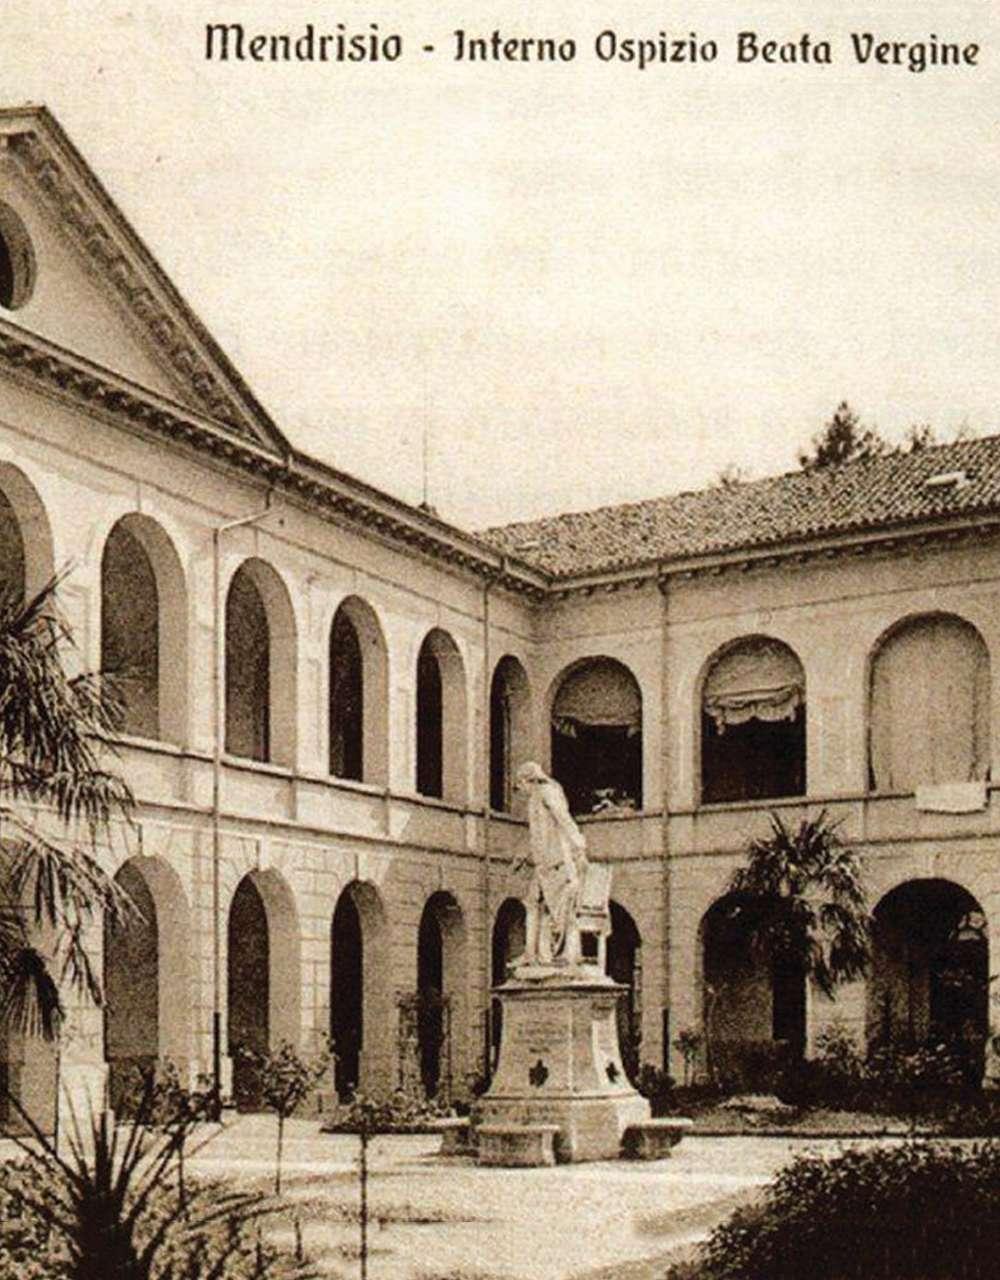 Palazzo Turconi